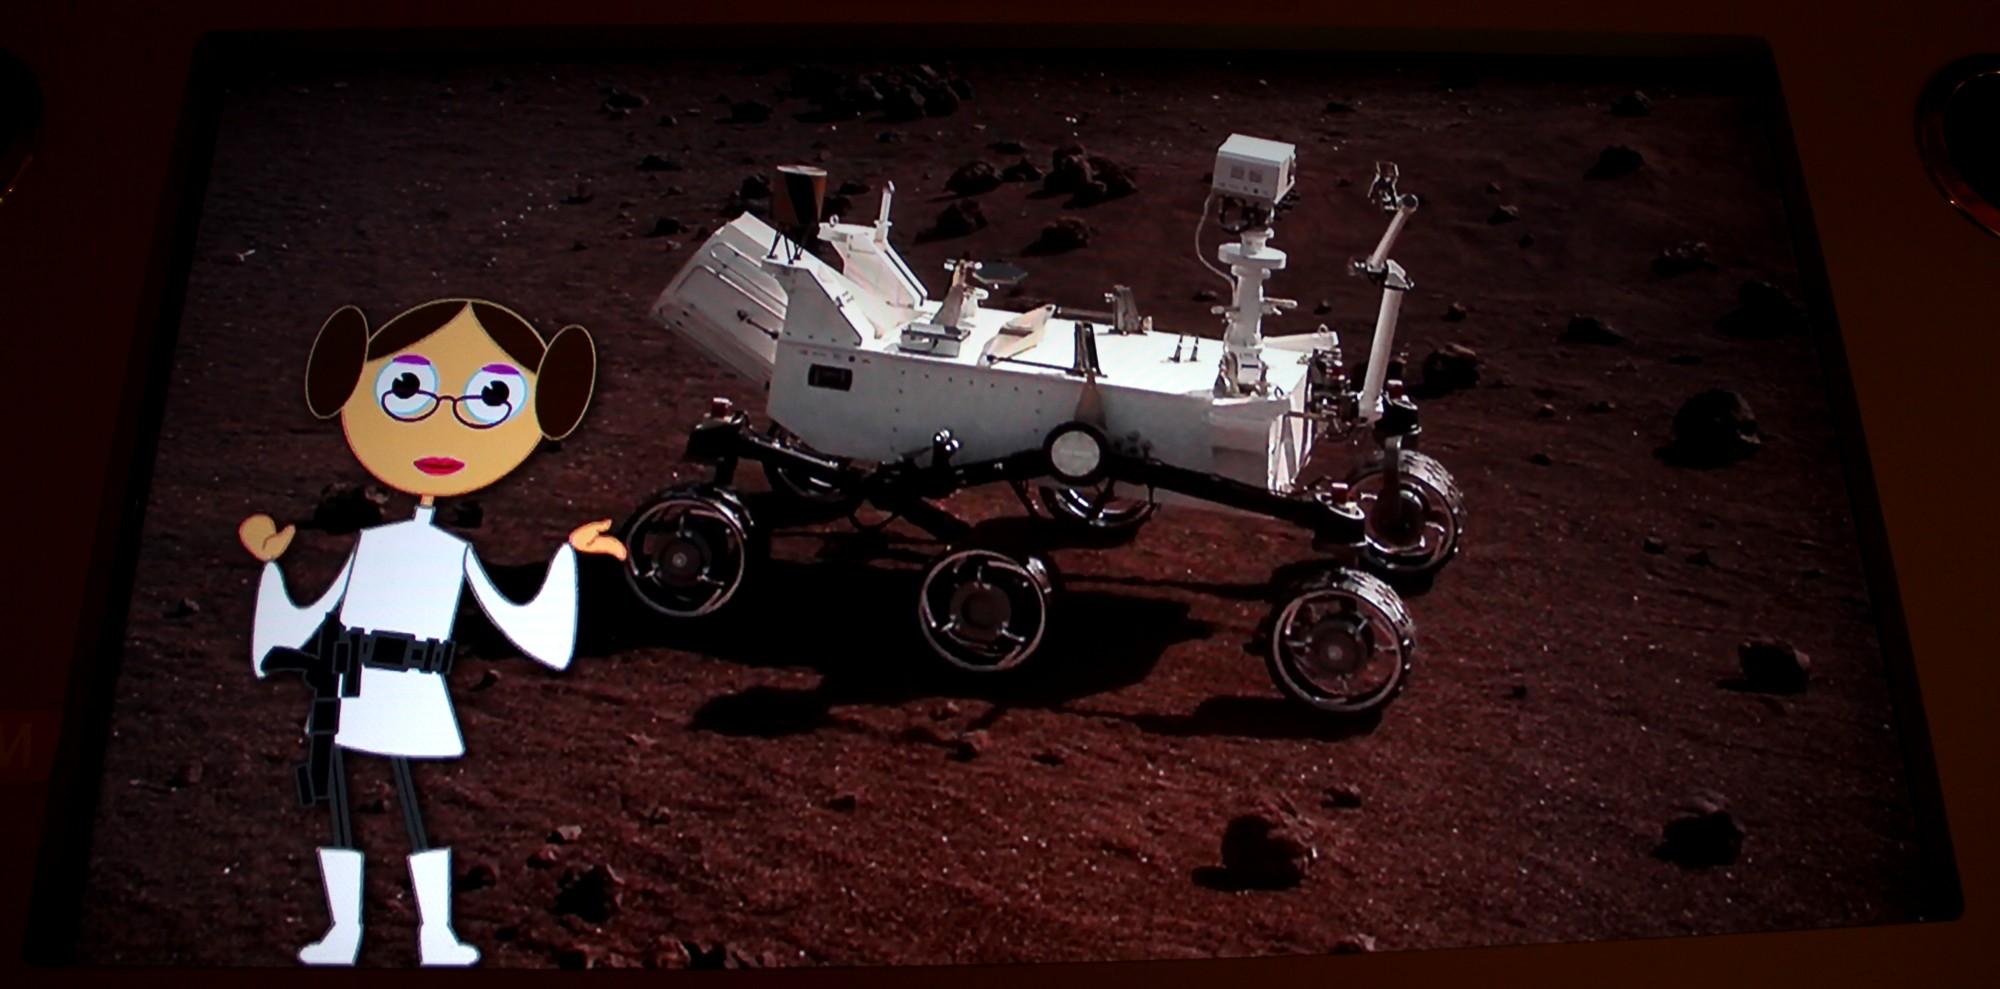 14 12 18 - 17h 42m 57s - Expo l'eau sur Mars pavillon de l'eau r